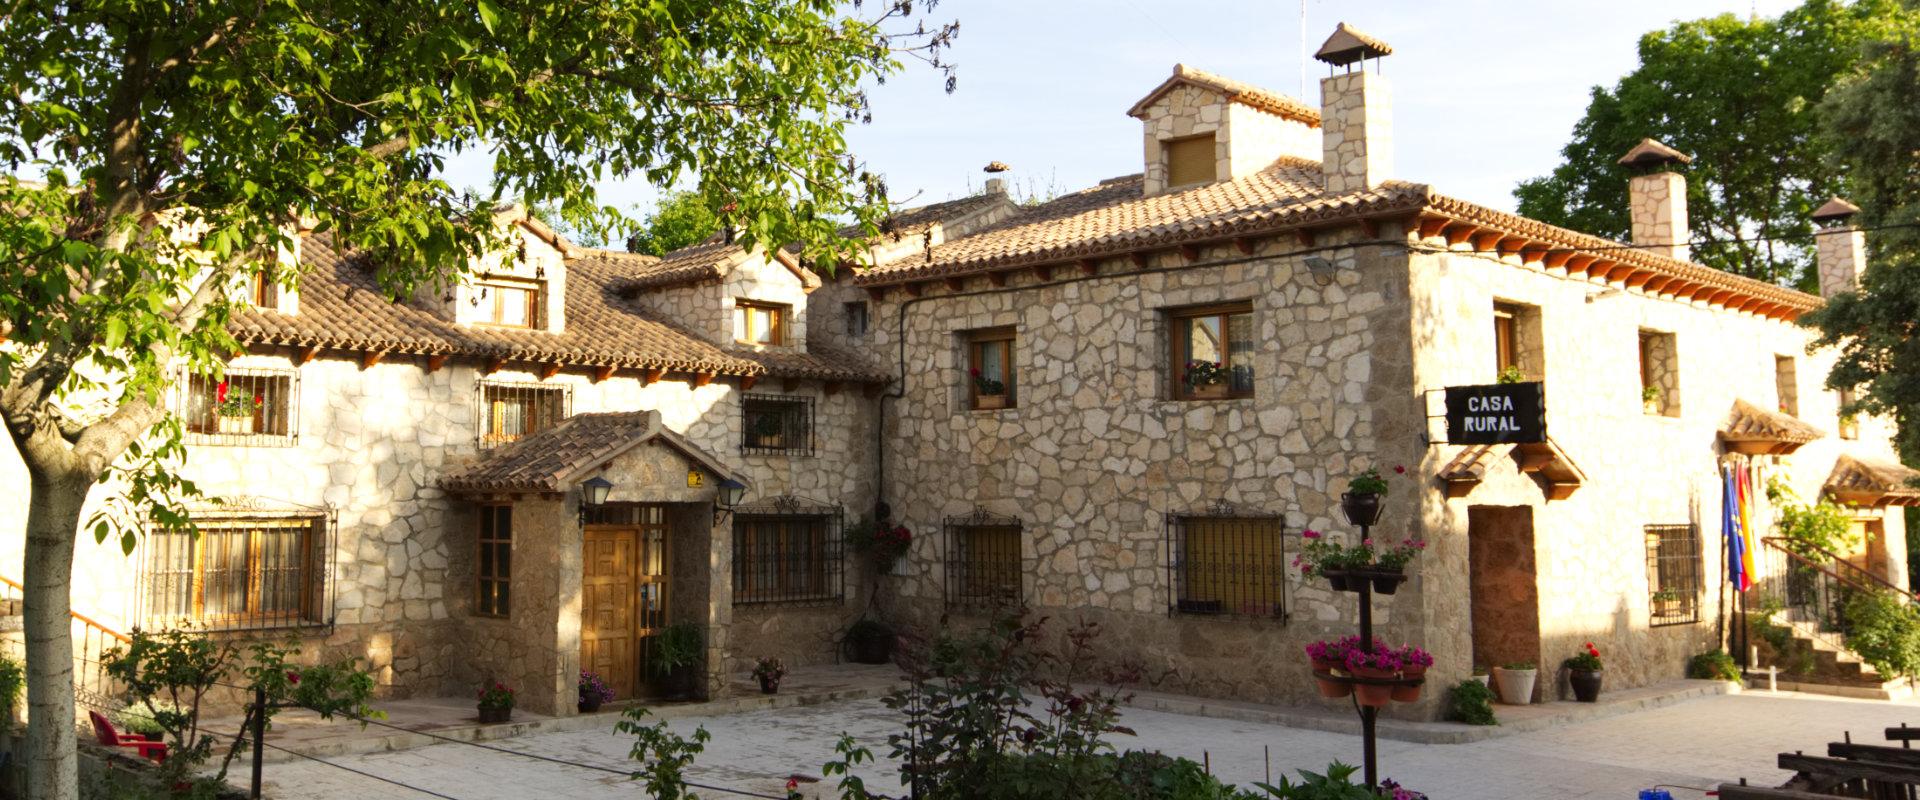 fachada casa rural cuenca